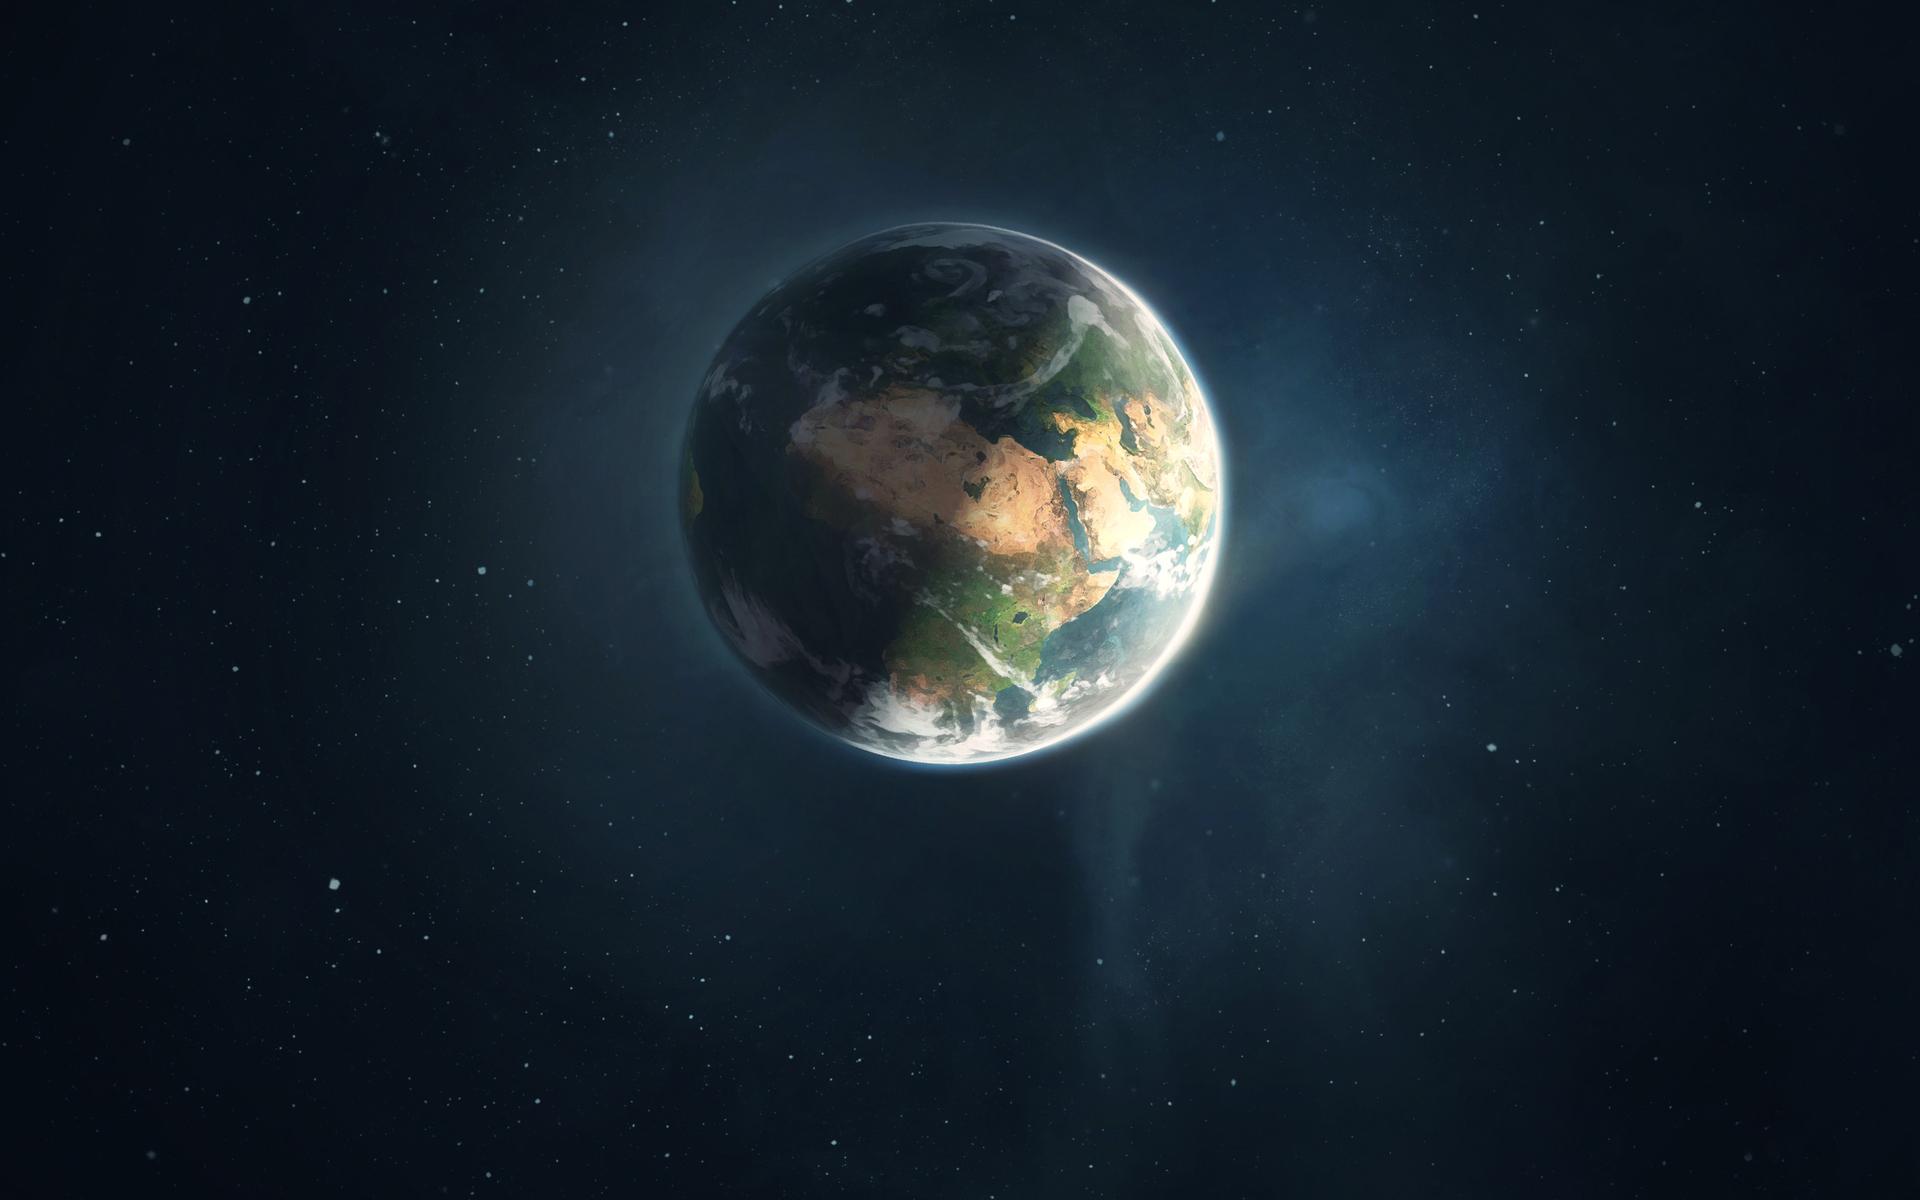 Обои новые, миры, планета, континенты